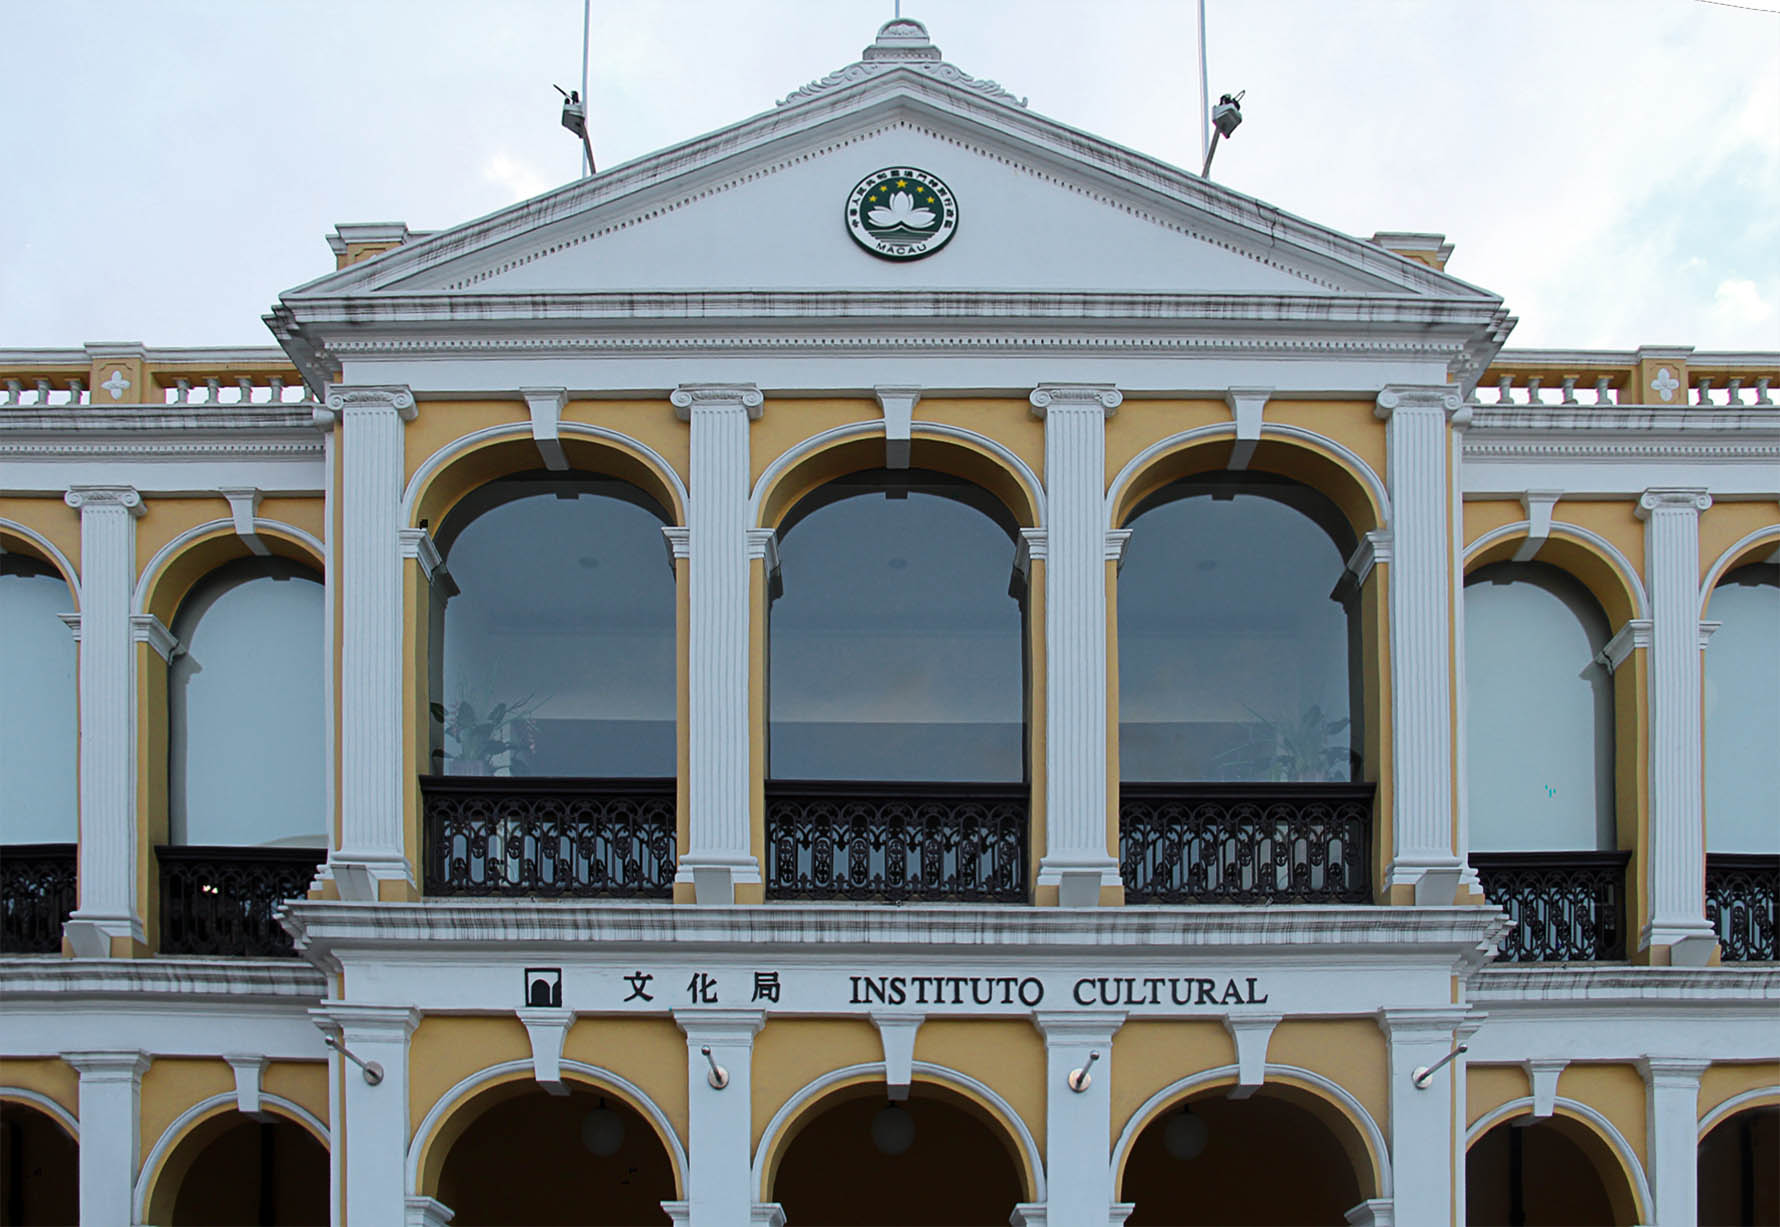 Património | Instituto Cultural propõe classificação de nove bens imóveis